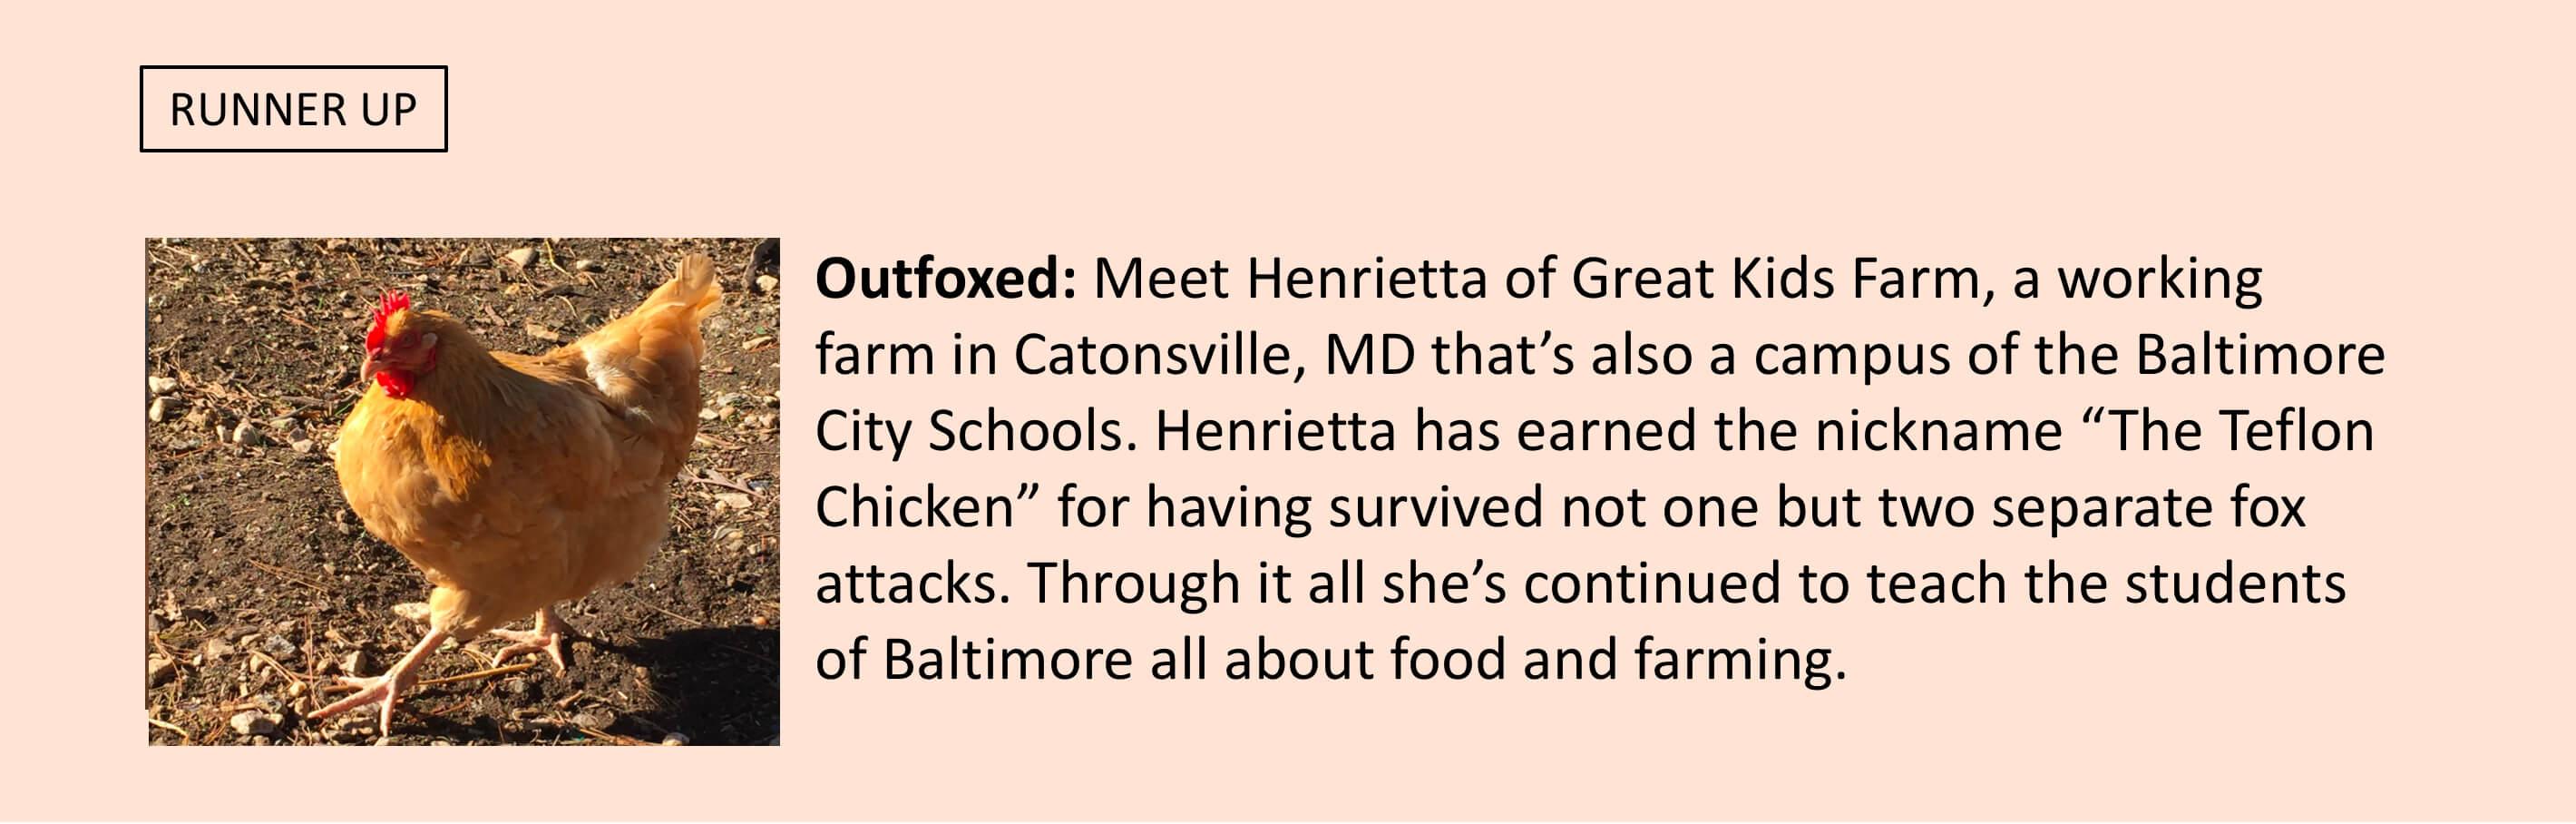 Henrietta of Great Kids Farm in Catonsville, MD